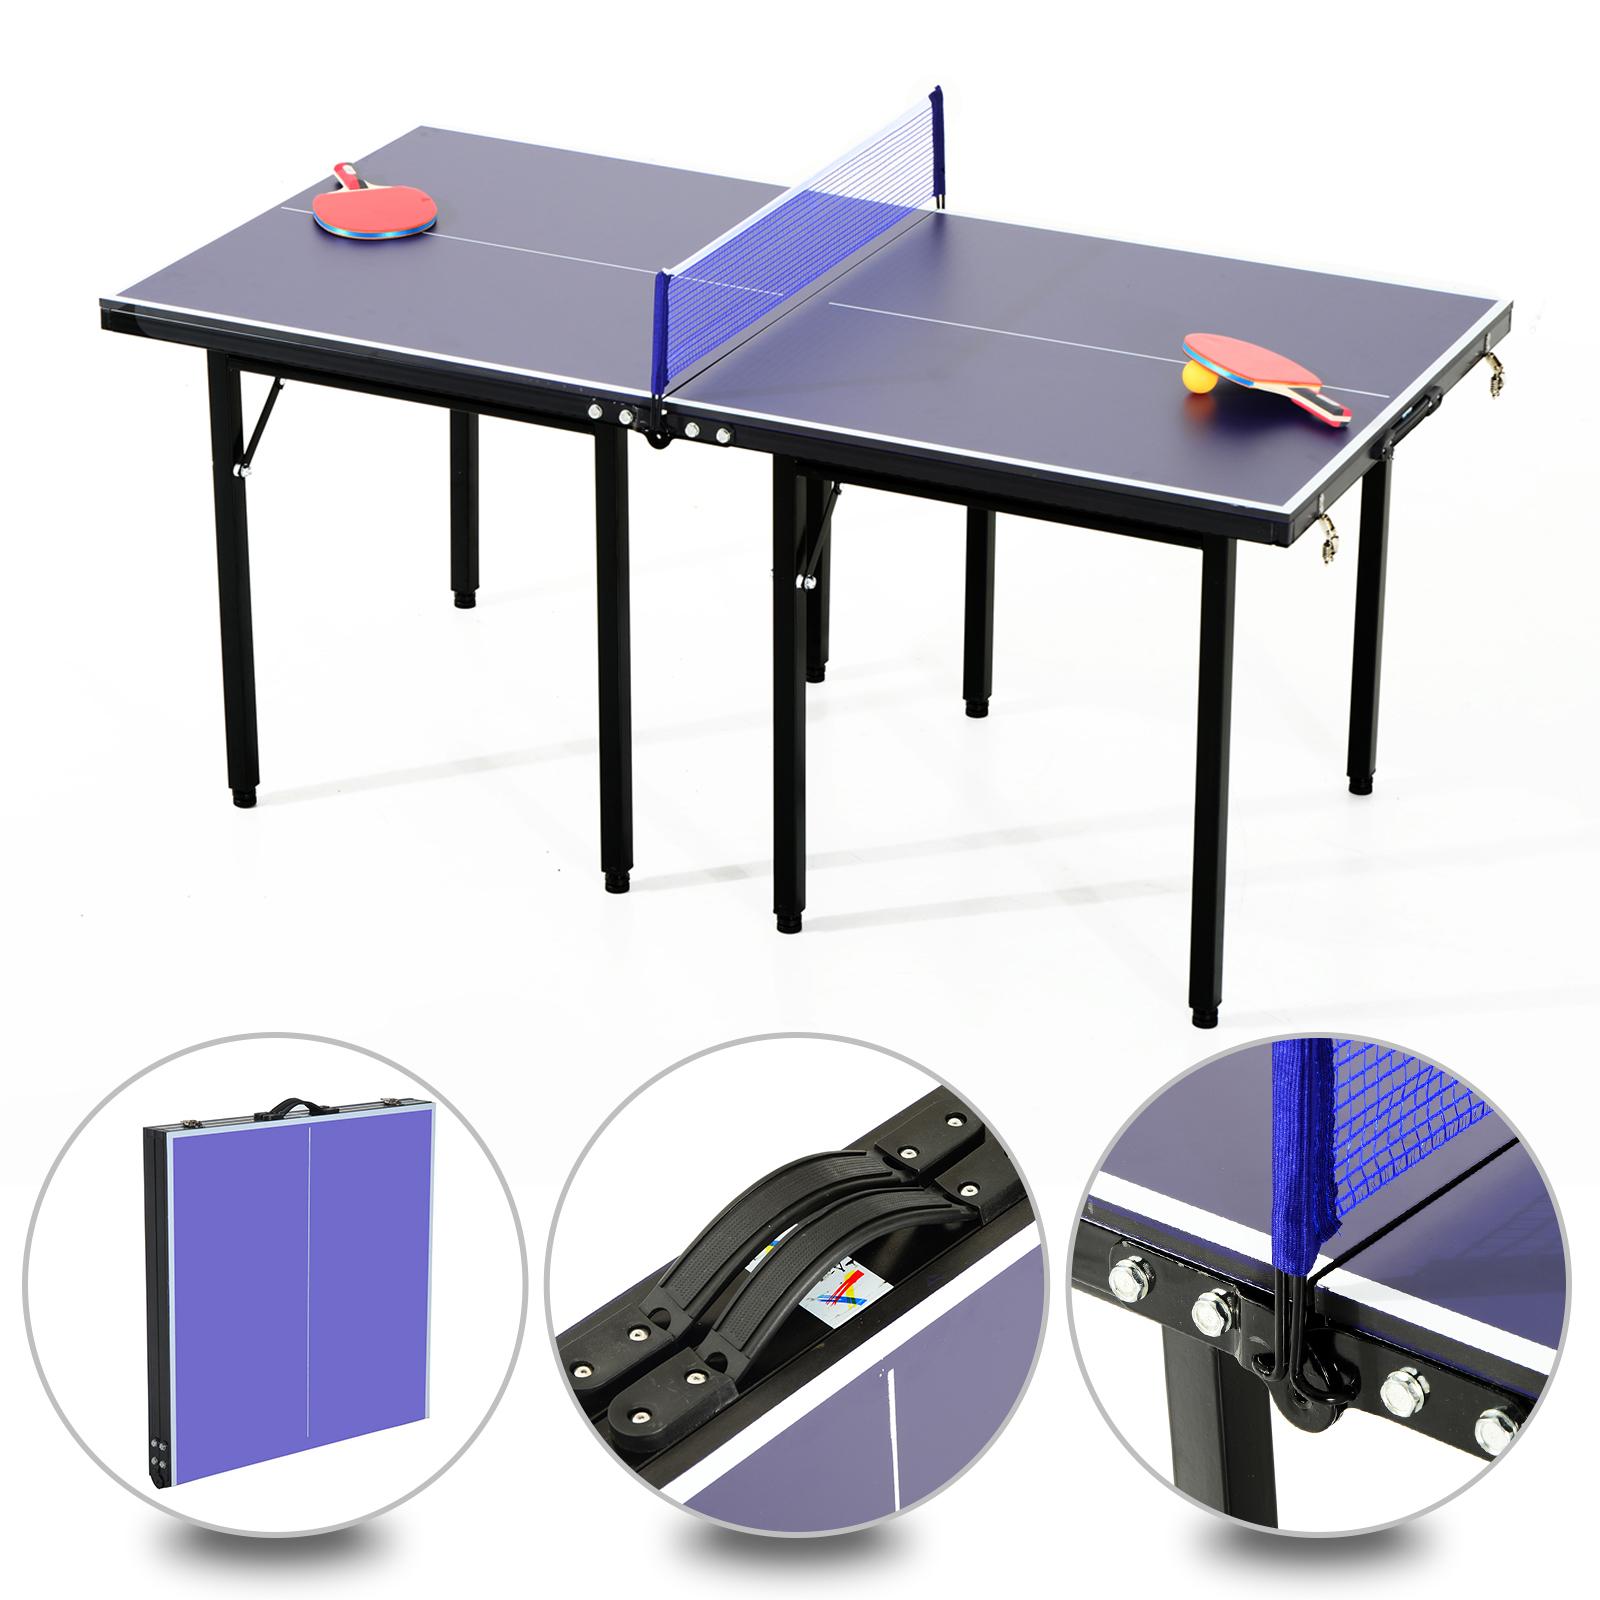 Portatil 5x67cmRed Detalles De Exterior 153x76 Mesa Plegable Ping Tenis Homcom Pong F3K1JcTl